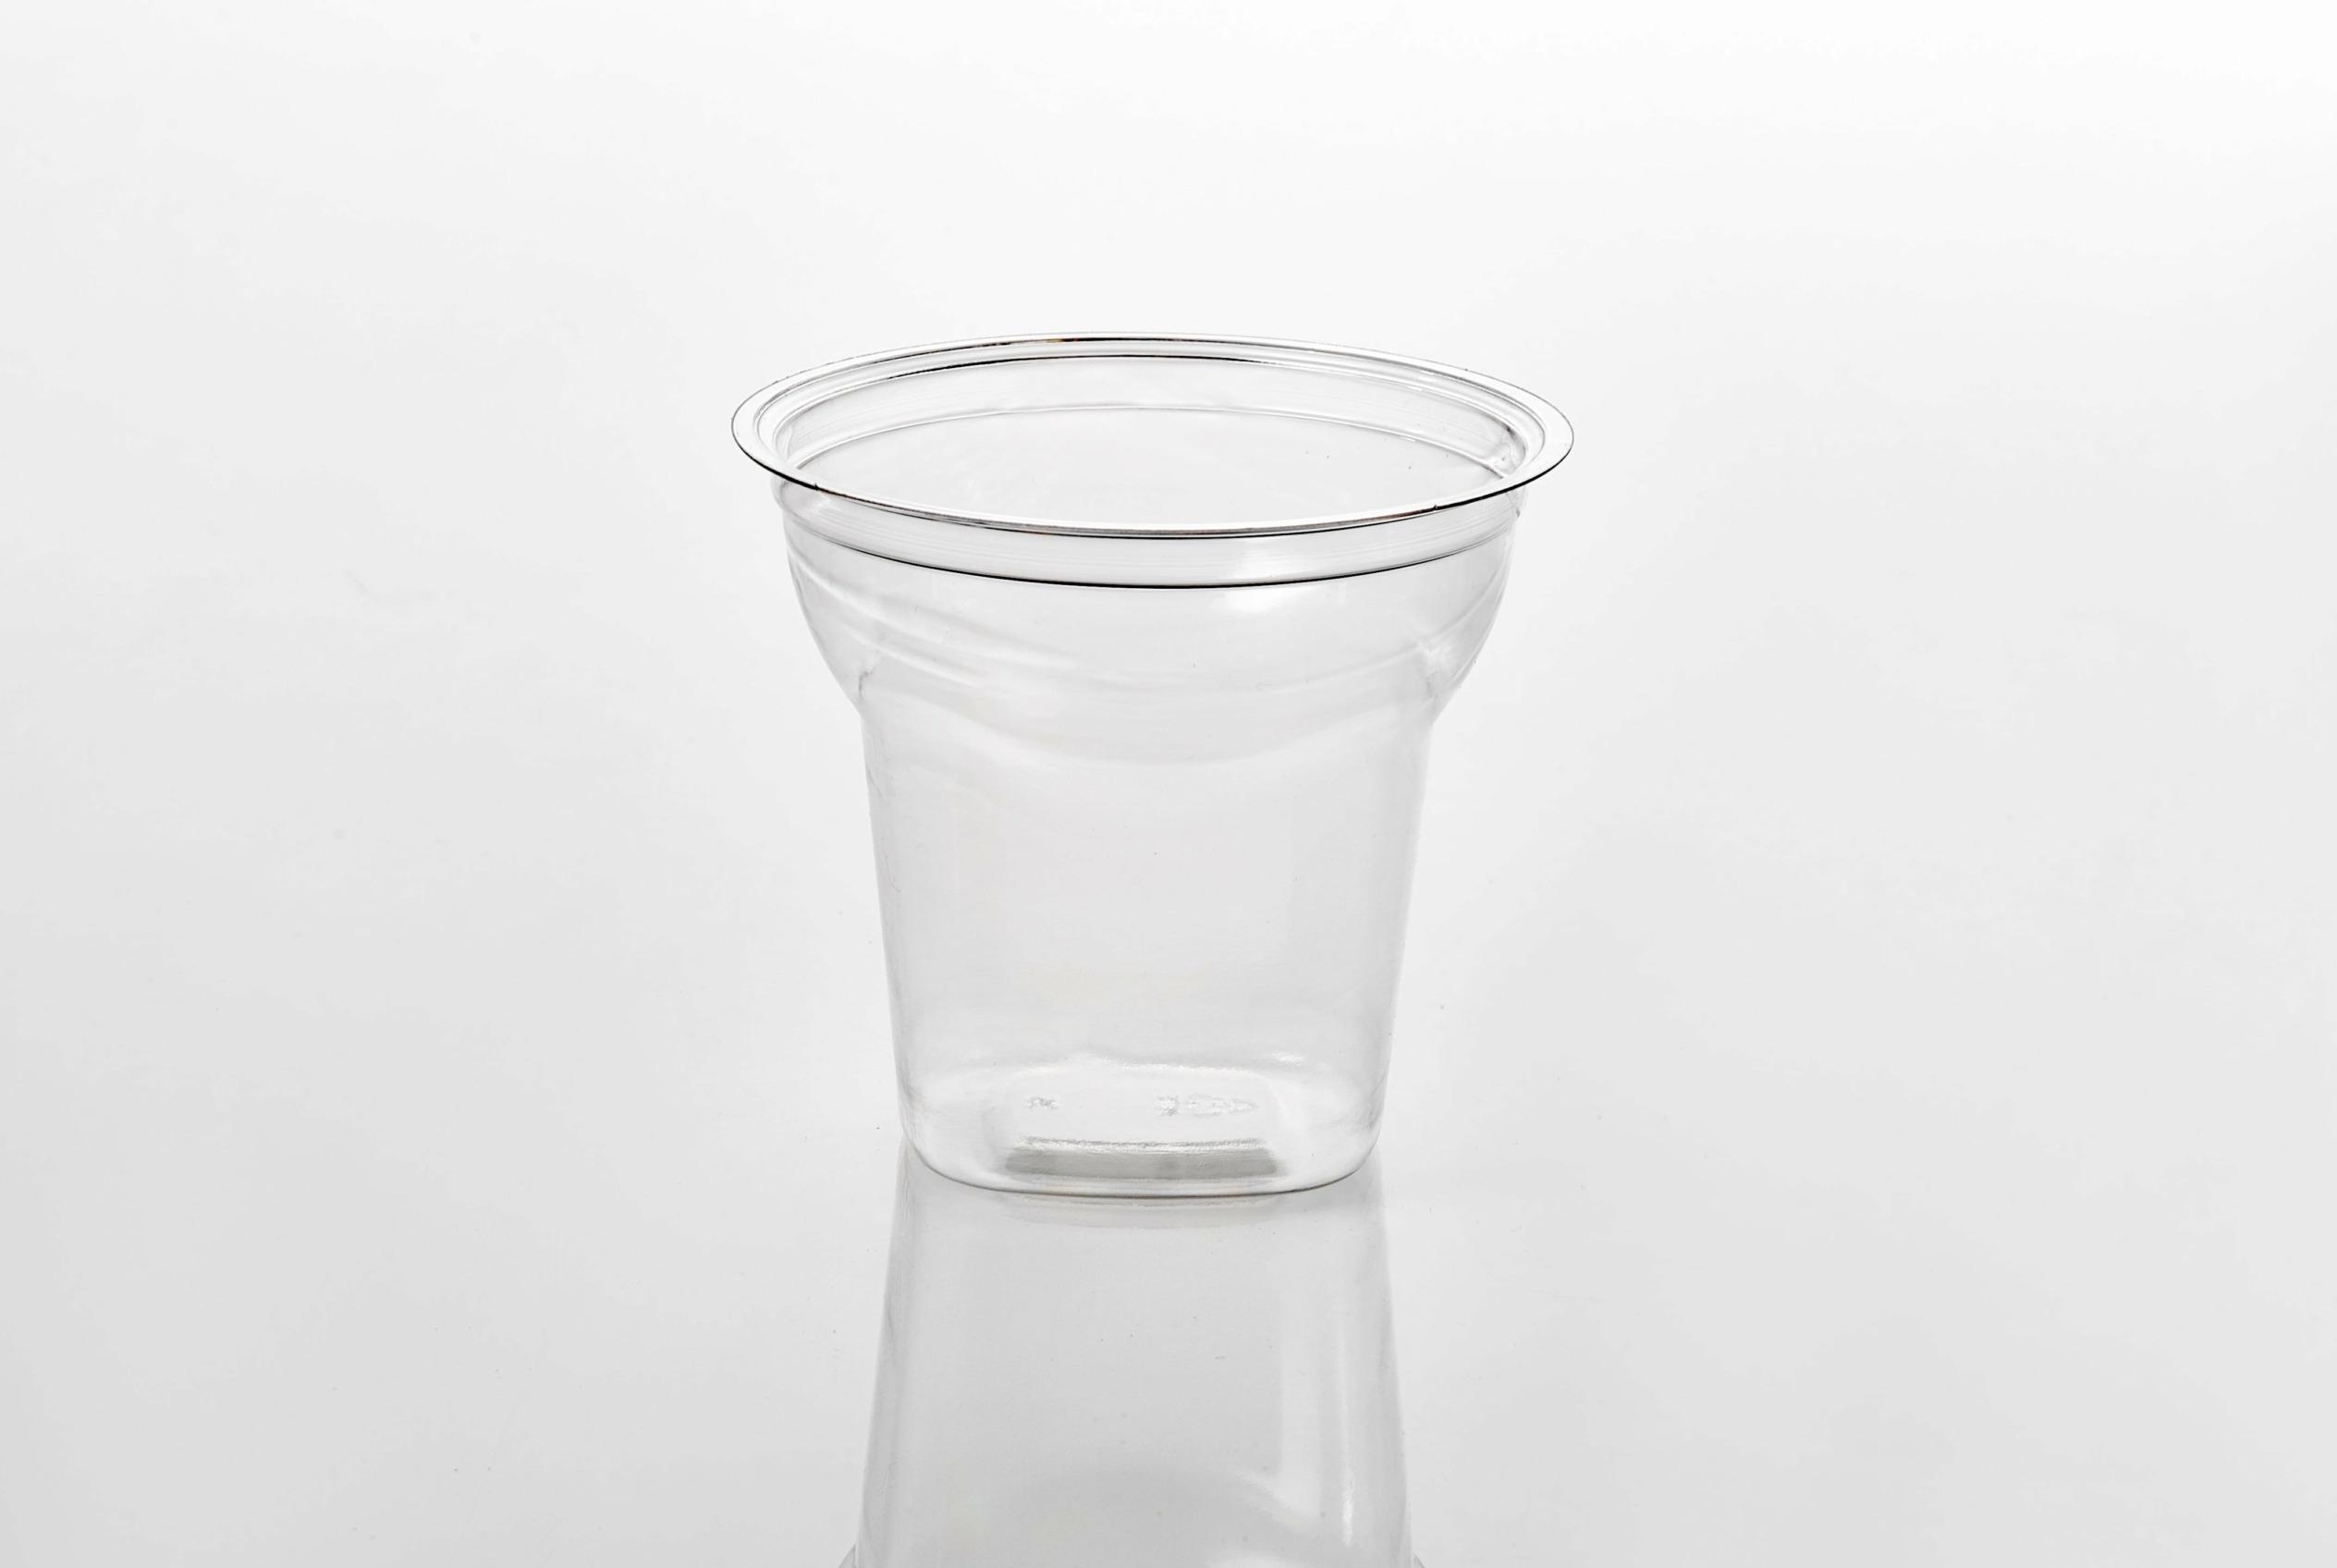 T14433 Parfait Large Cup 12 oz.